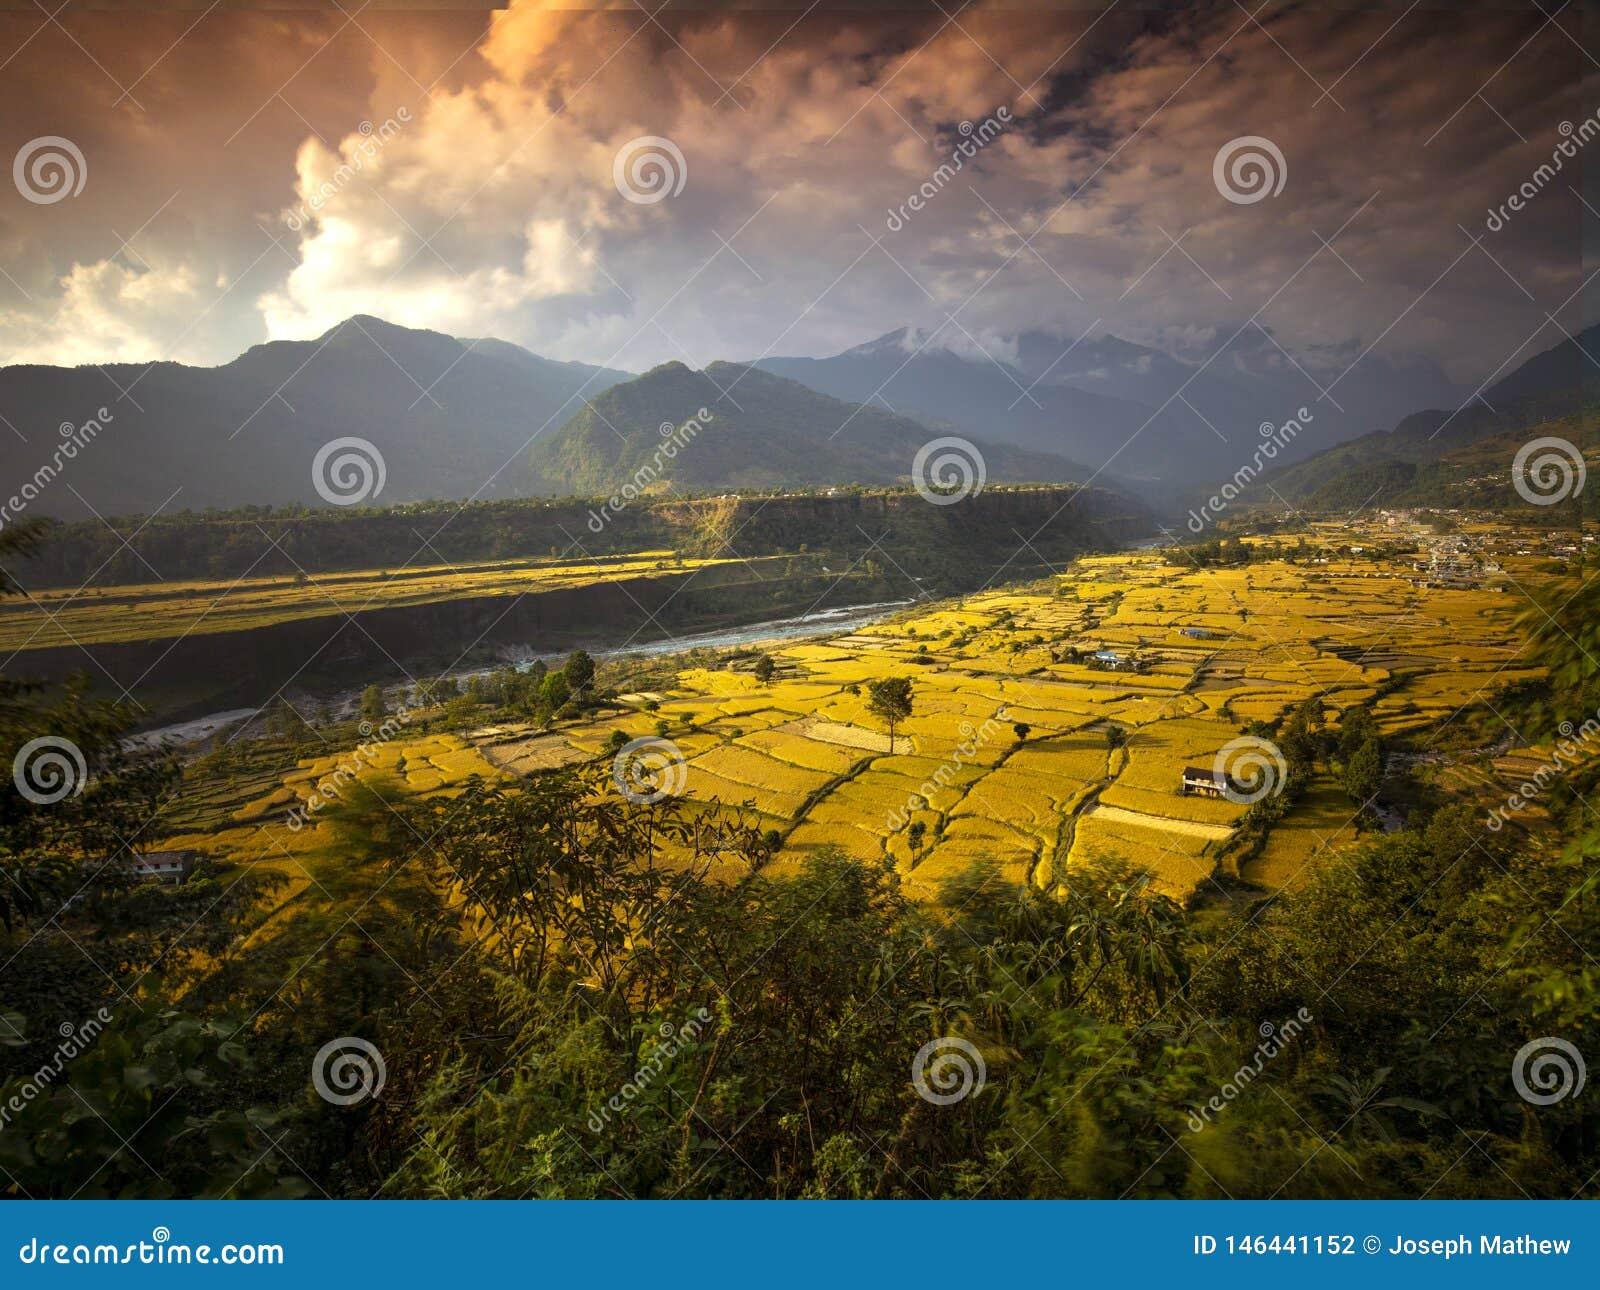 Terrasvormig Paddy Field in kandakki Nepal